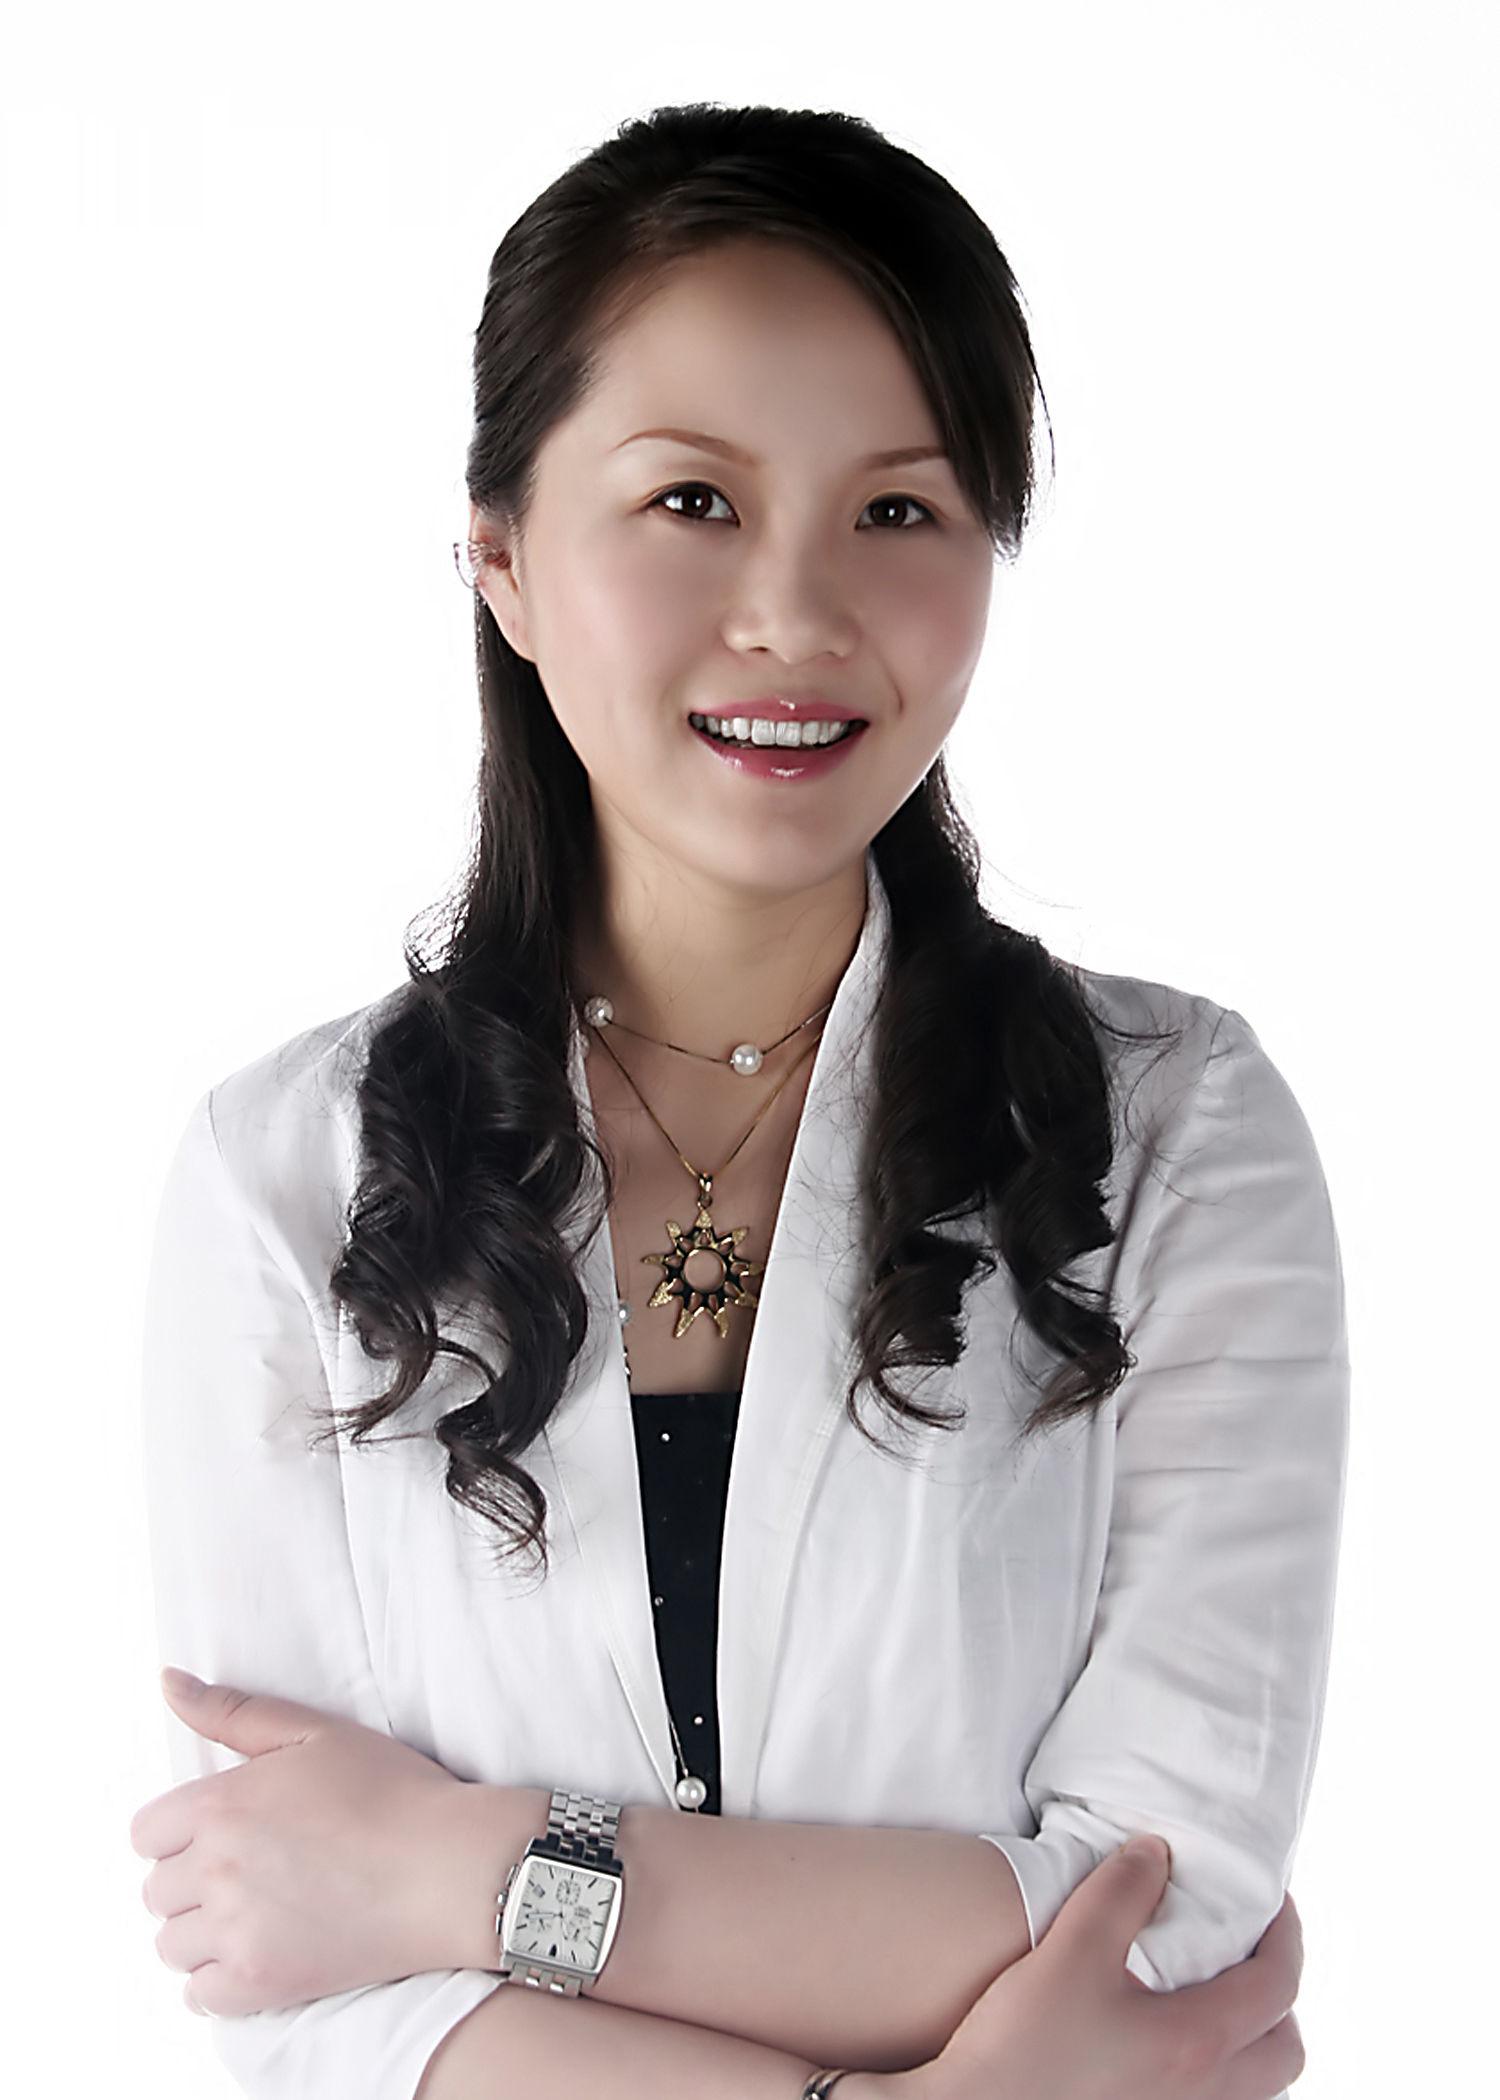 江苏人民广播电台的主持人图片